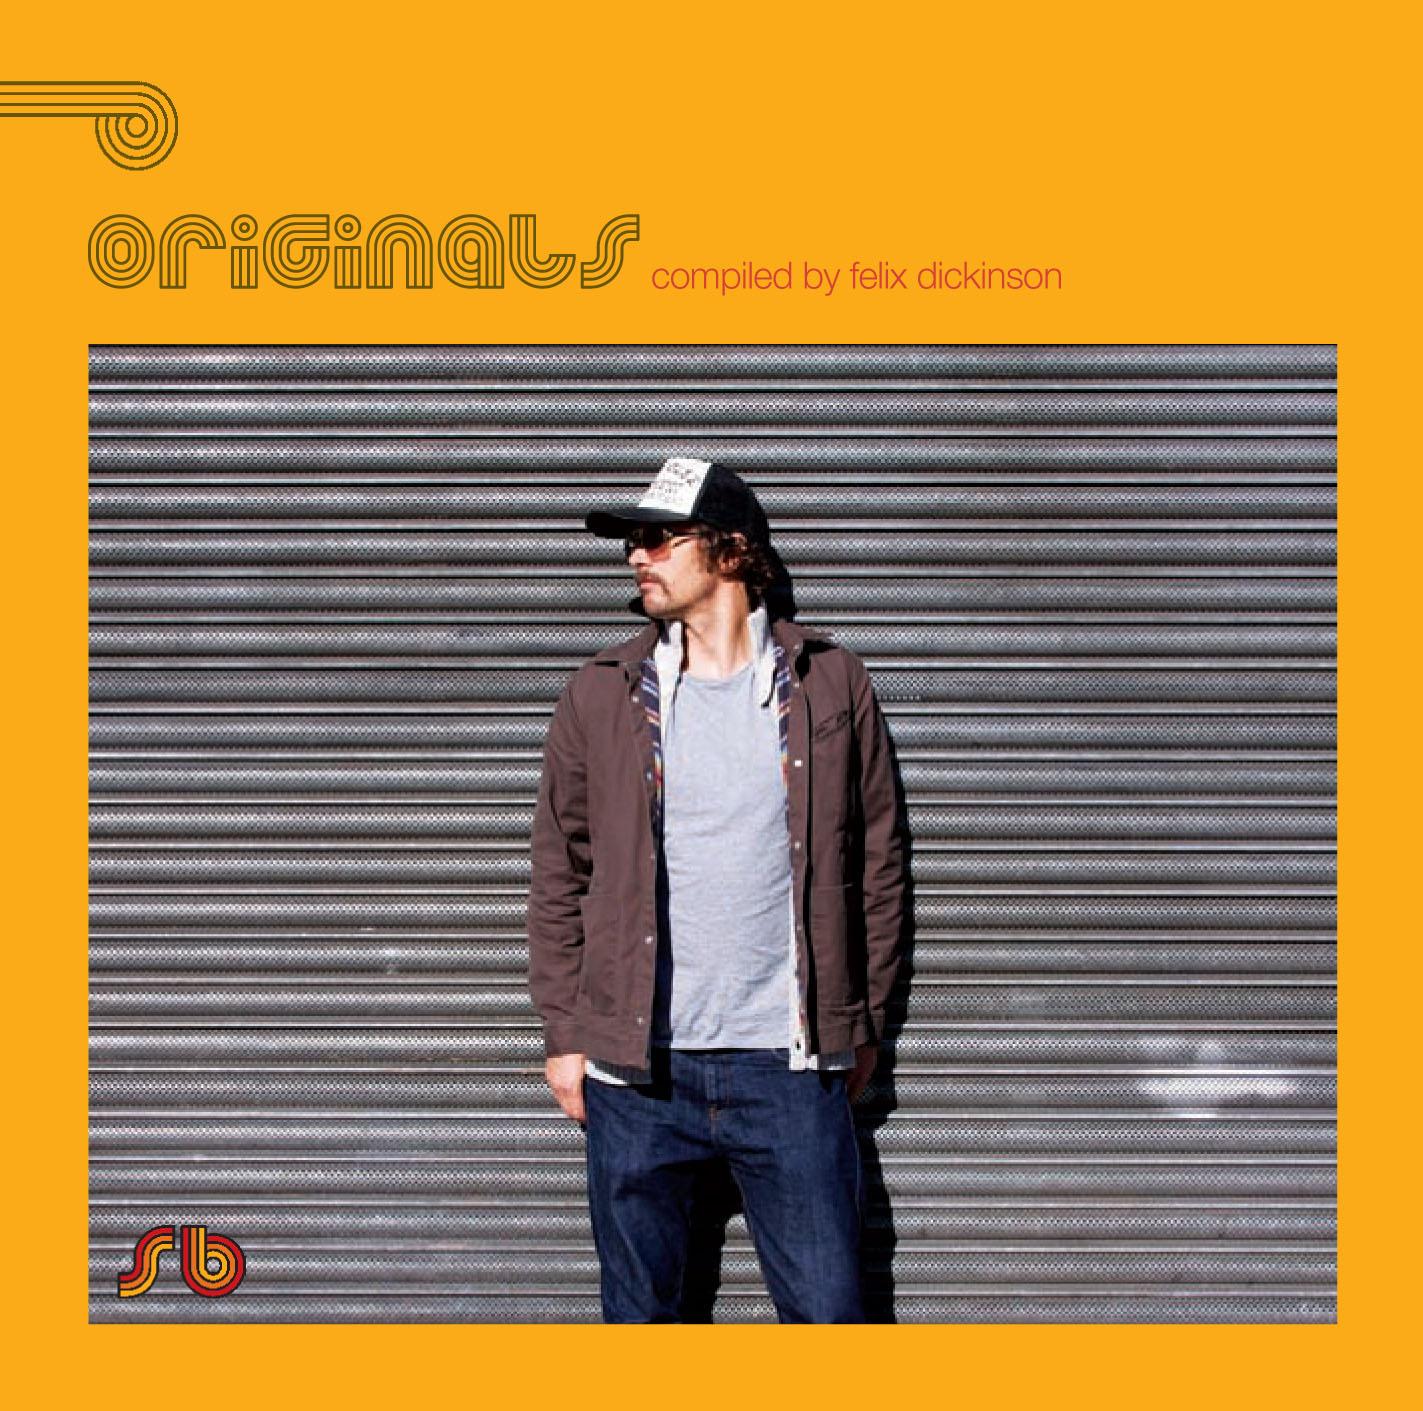 Felix Dickinson/ORIGINALS VOL. 5 CD